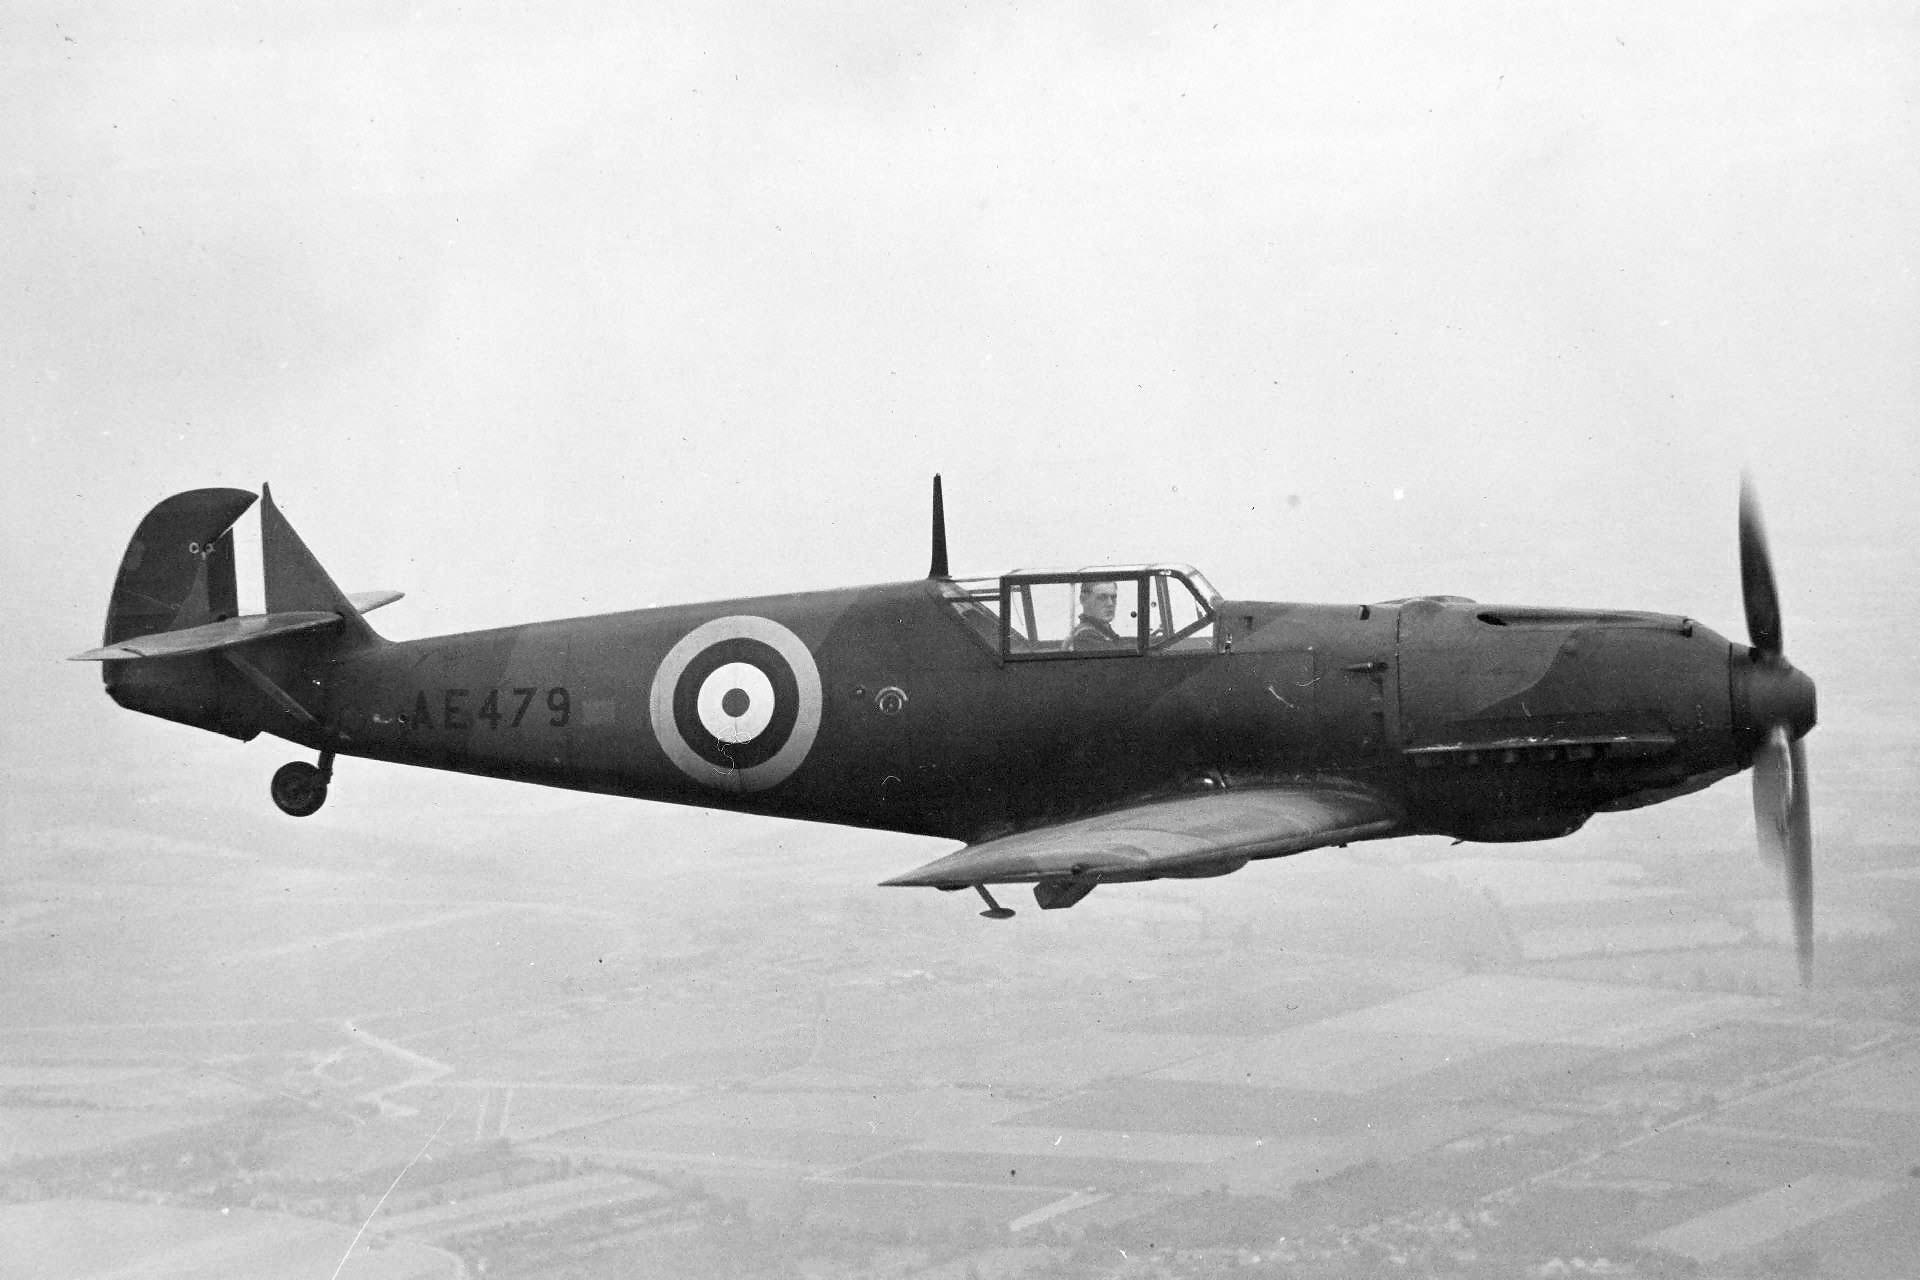 Captured Bf109 E-3 W.Nr. 1034 AE479